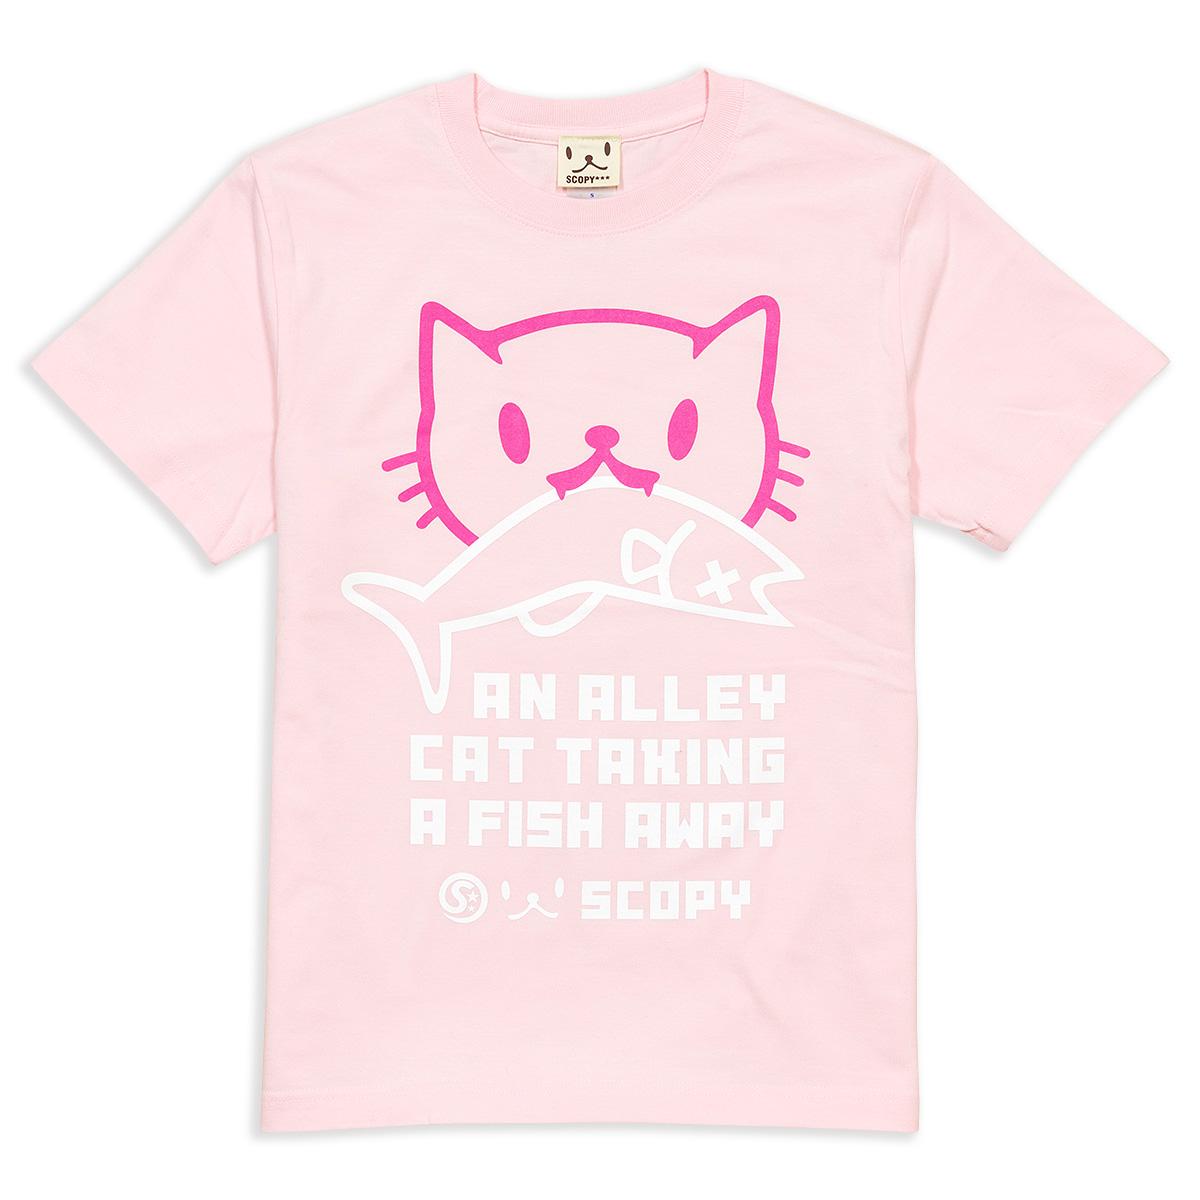 Tシャツ お魚くわえたどらねこさん ライトピンク